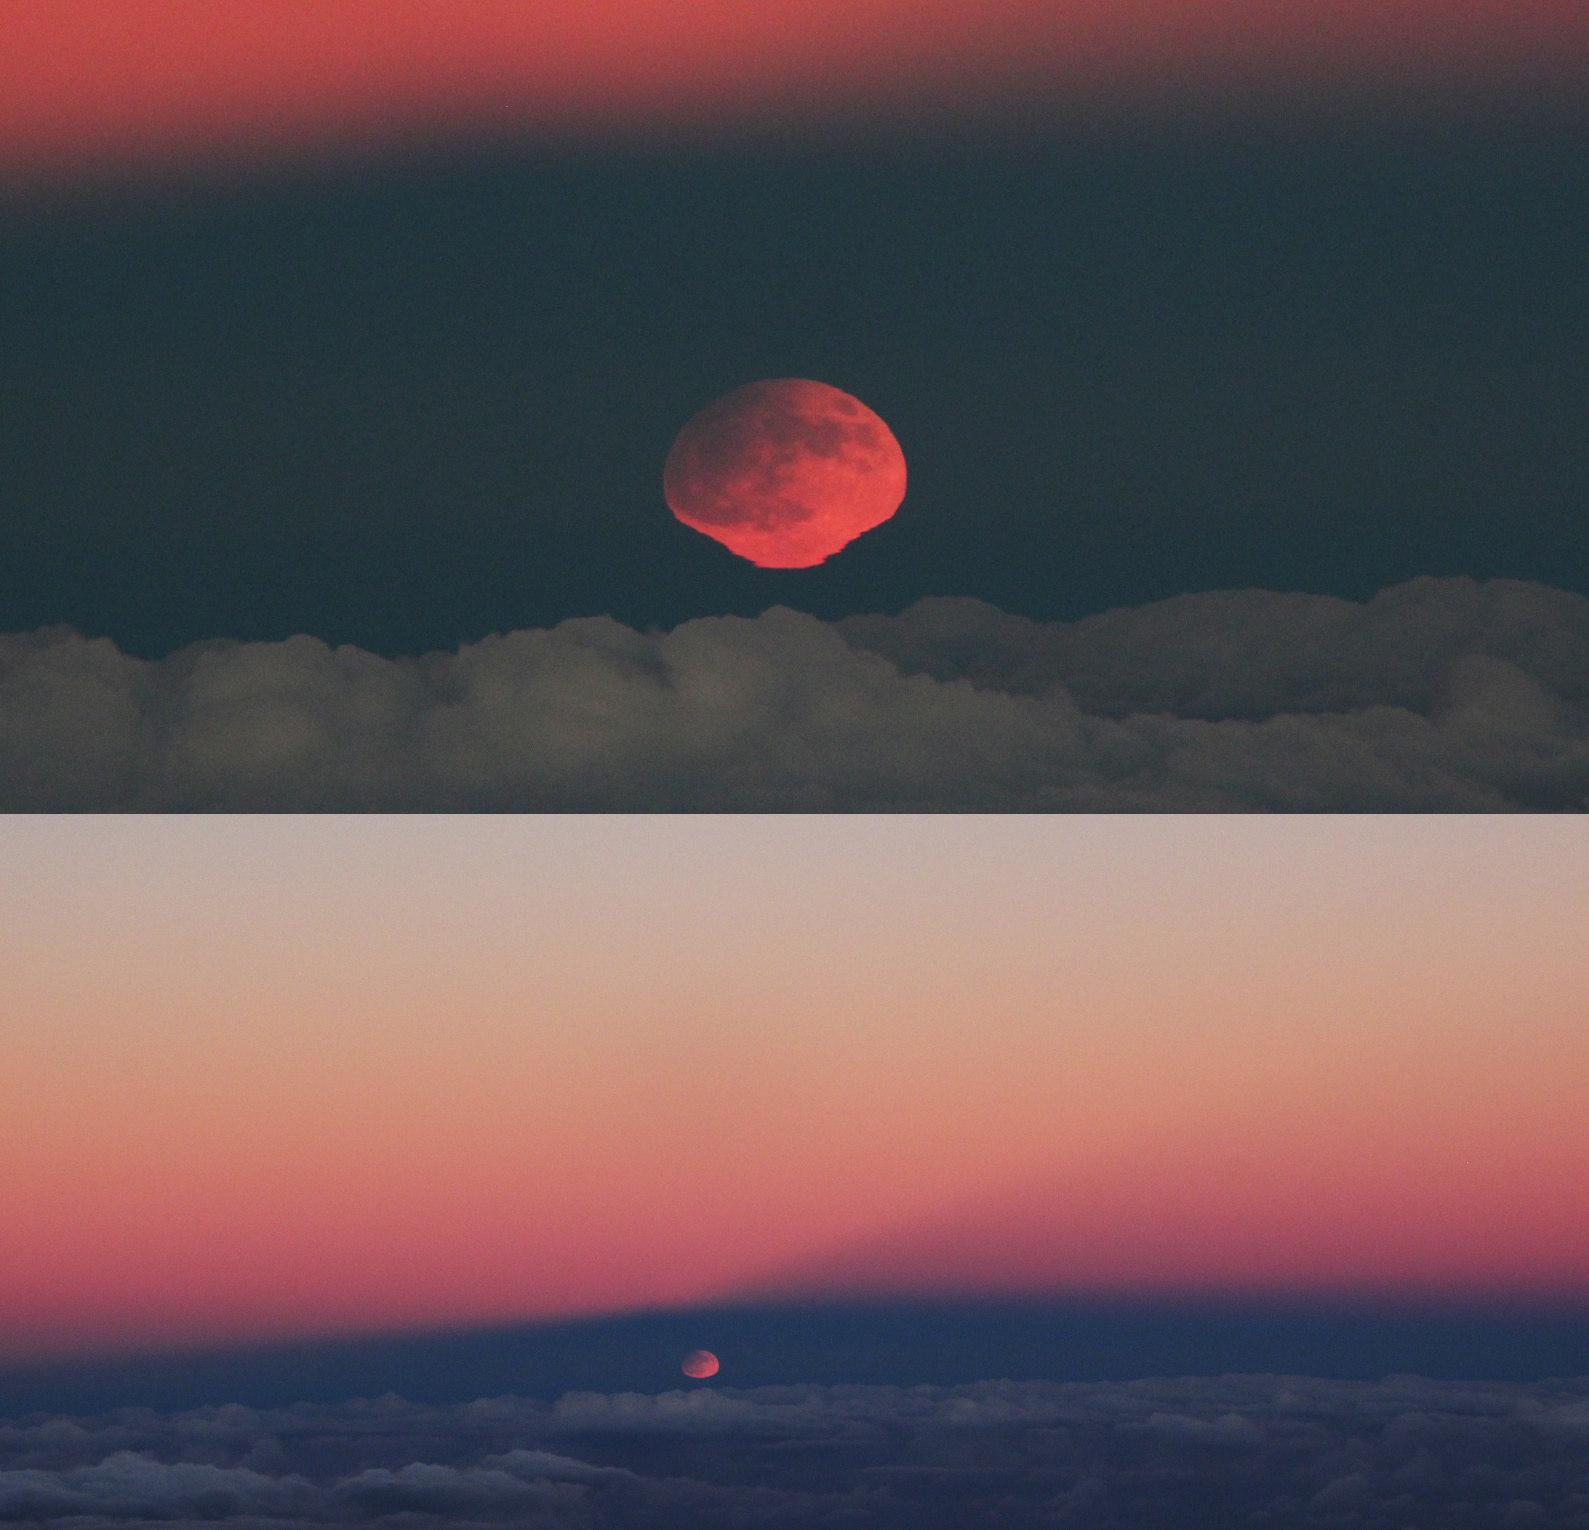 Der partiell verfinsterte Mond erscheint abgeplattet am Horizont - dazu Gegendaemmerungsstrahlen.